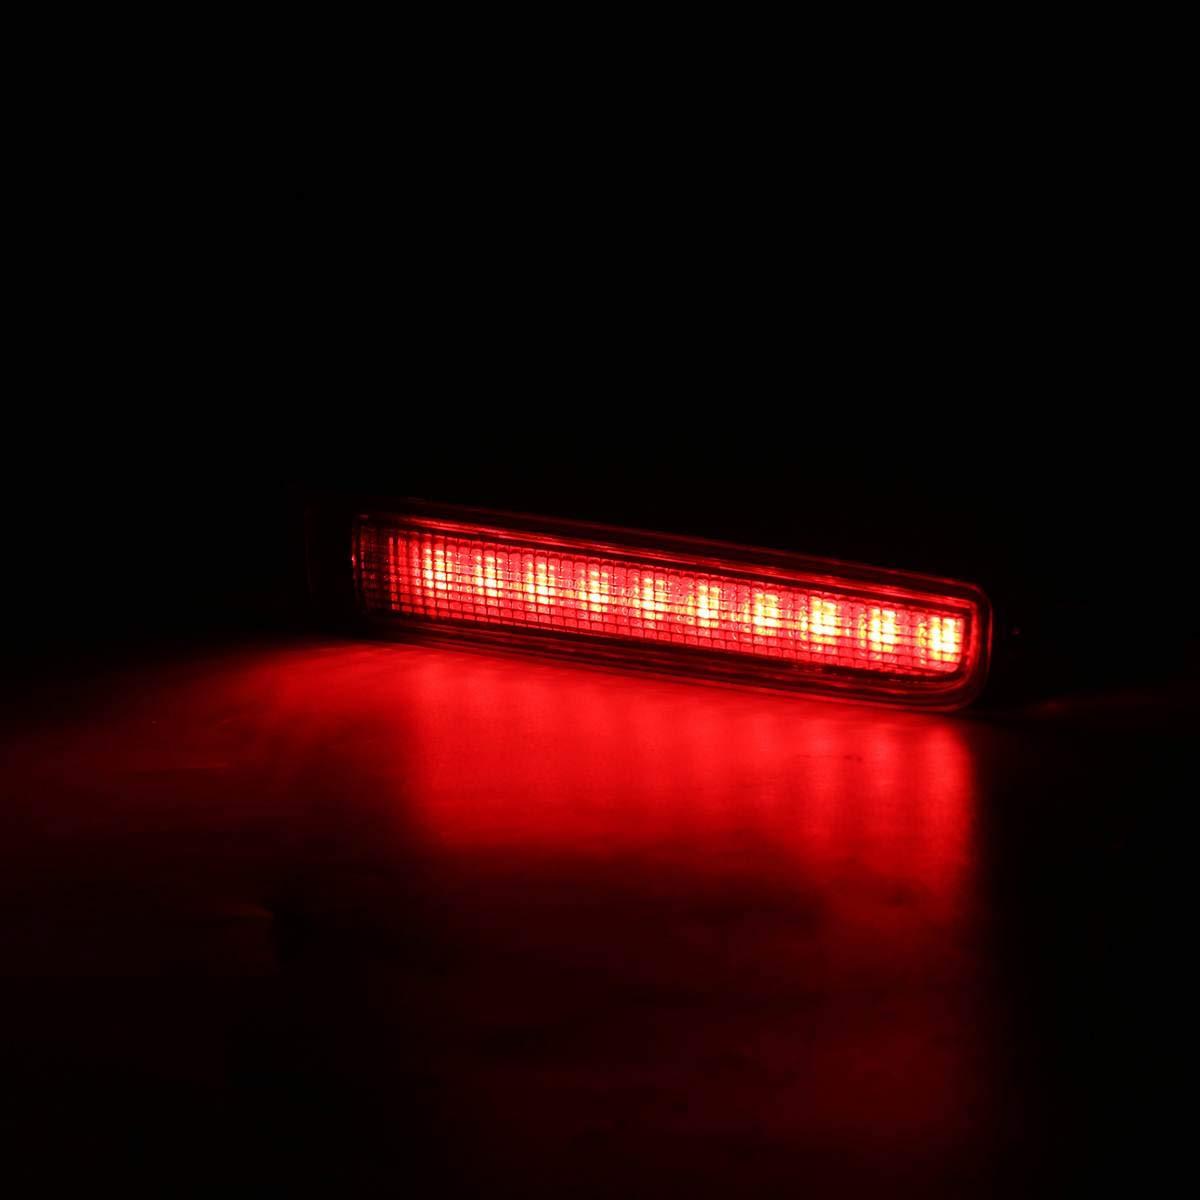 TOOGOO 2 Pi/èCes Voiture Troisi/èMe Lumi/èRe de Frein Haute Porte de Frein Arri/èRe Lumi/èRe de Frein Arri/èRe Haute Lampe de Montage Haute pour T5 T6 pour Multivan Caravelle 2003-2016 Noir